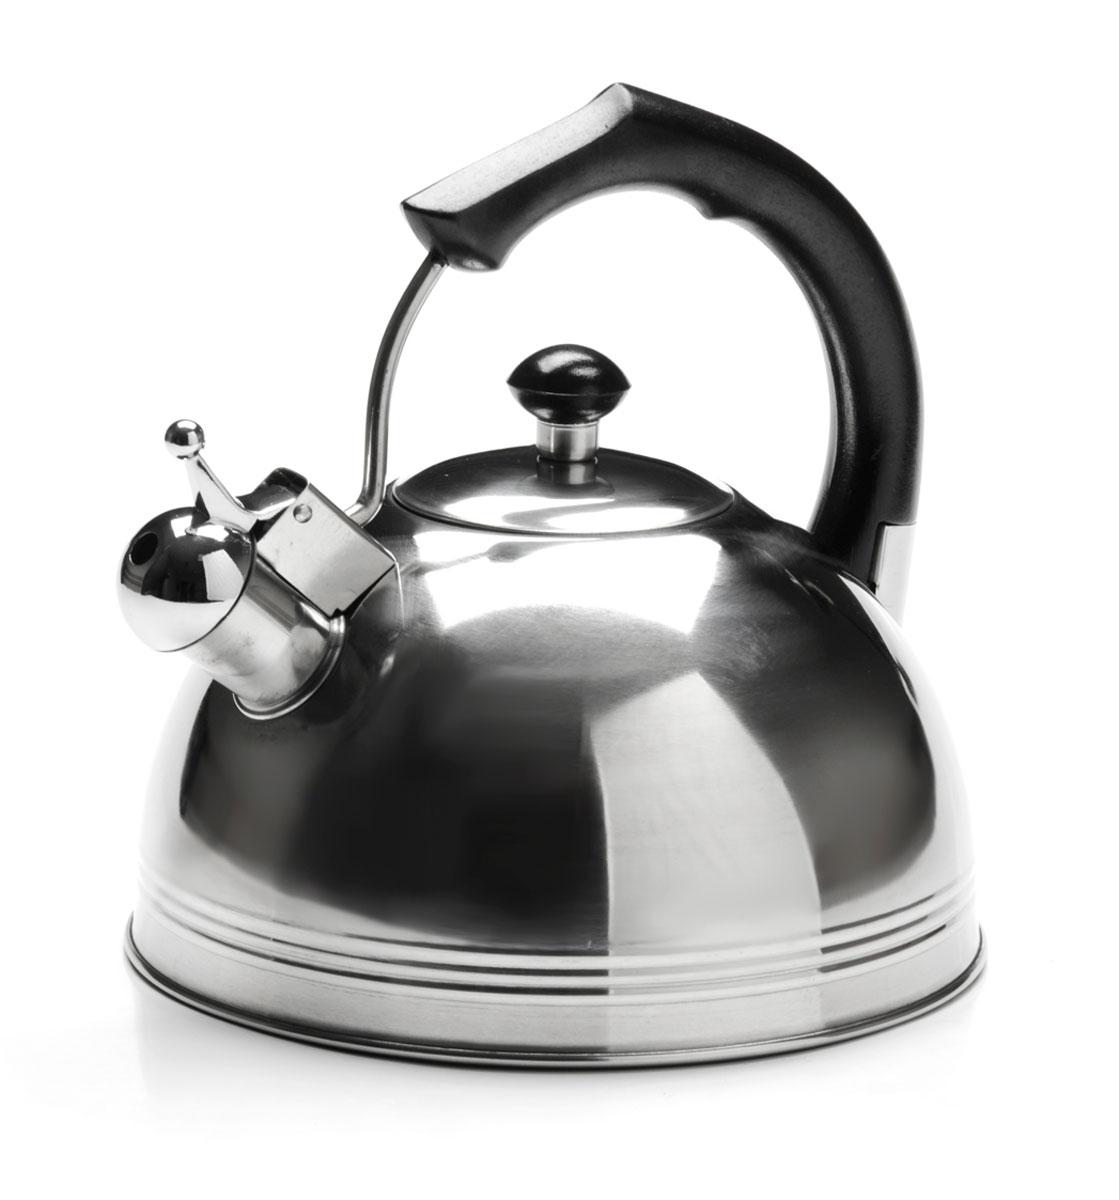 Чайник Mayer & Boch, со свистком, 3,5 л. 26165Турка 400гр-медь (х60)_серебристый, коричневыйЧайник Mayer & Boch изготовлен из высококачественной нержавеющей стали. Изделия из нержавеющей стали не окисляются и не впитывают запахи, благодаря чему вы всегда получите натуральный, насыщенный вкус и аромат напитков. Капсулированное дно с прослойкой из алюминия обеспечивает наилучшее распределение тепла. Эргономичная фиксированная ручка выполнена из нержавеющей стали и бакелита и стилизована под дерево. Носик чайника оснащен насадкой-свистком, который позволяет контролировать процесс кипячения или подогрева воды. Поверхность чайника гладкая, что облегчает уход за ним. Эстетичный и функциональный, с современным дизайном, чайник будет оригинально смотреться на любой кухне. Подходит для использования на всех типах плит, кроме индукционных. Подходит для мытья в посудомоечной машине.